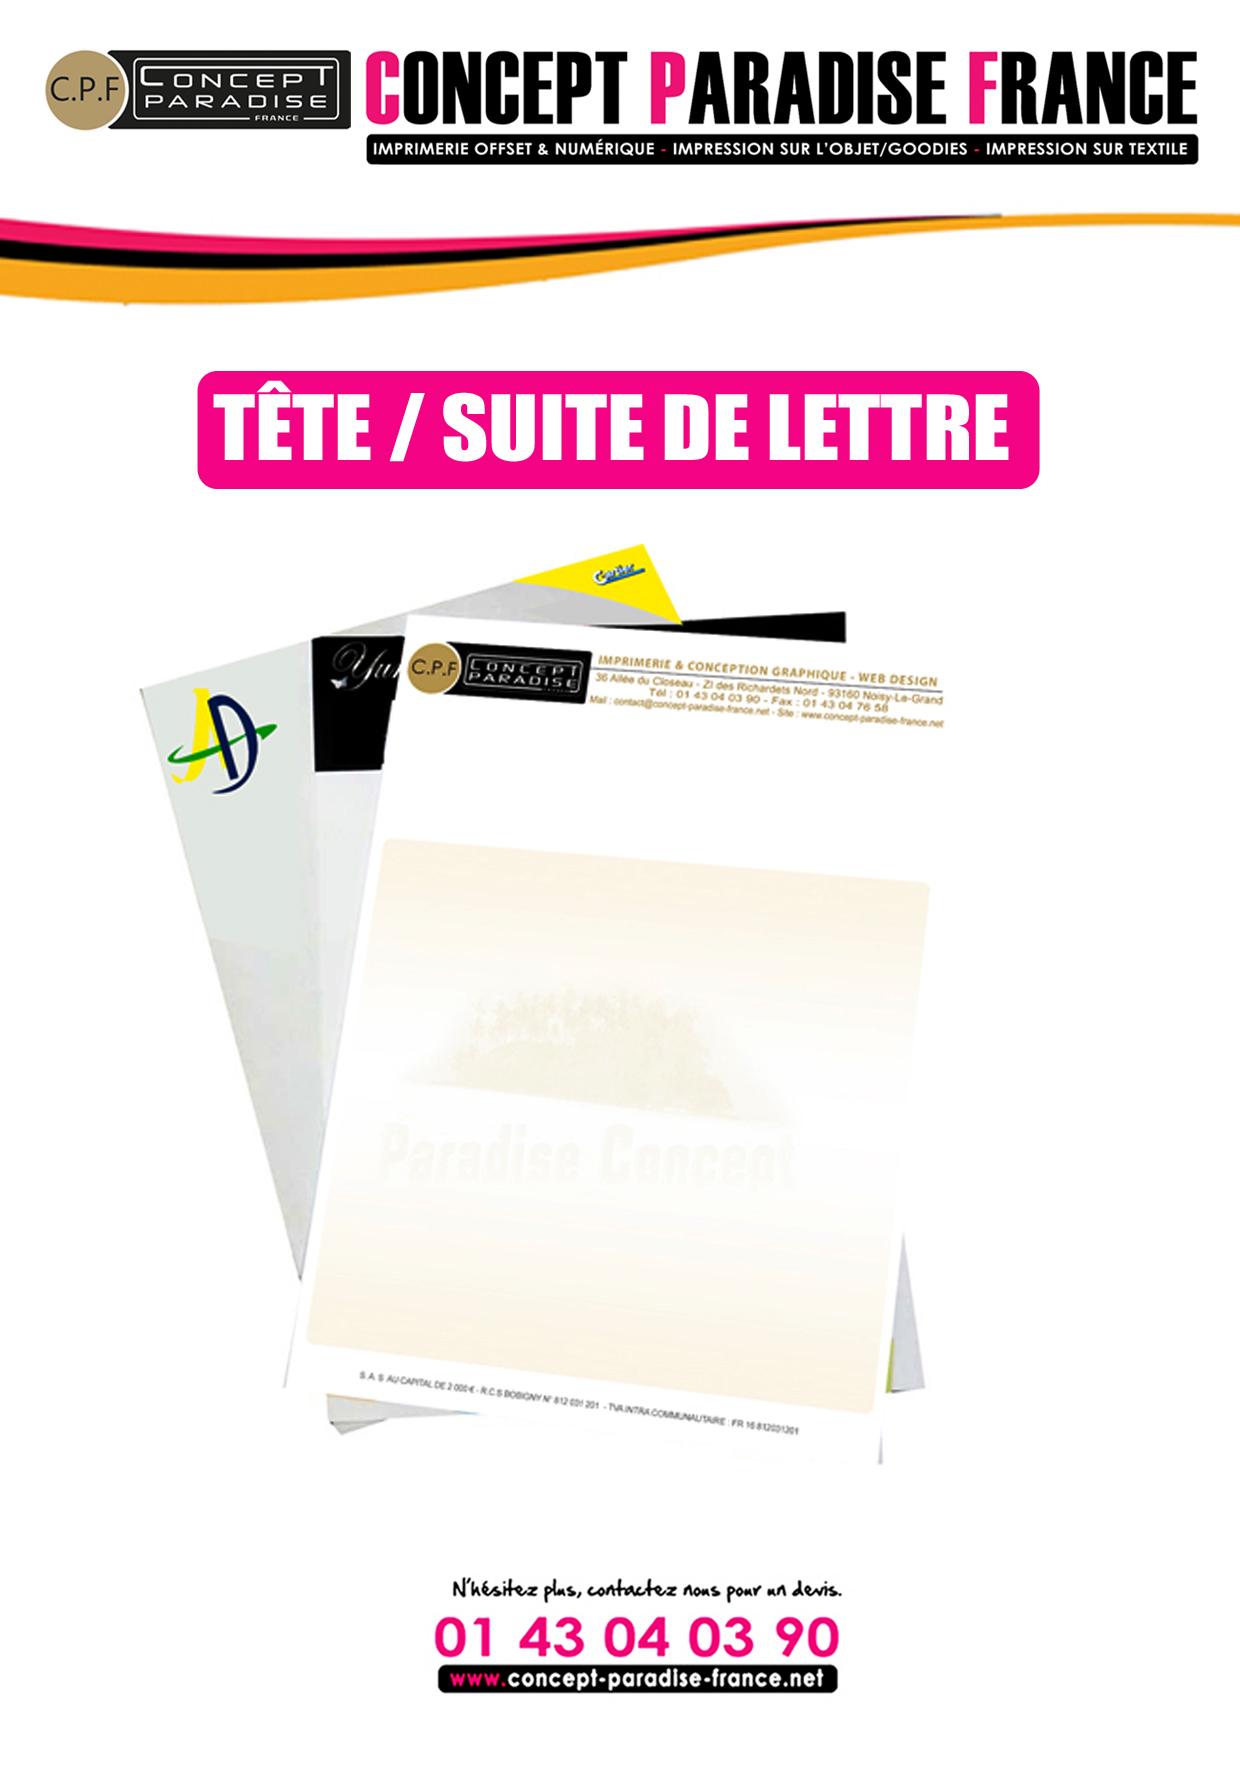 Tête / Suite de lettre